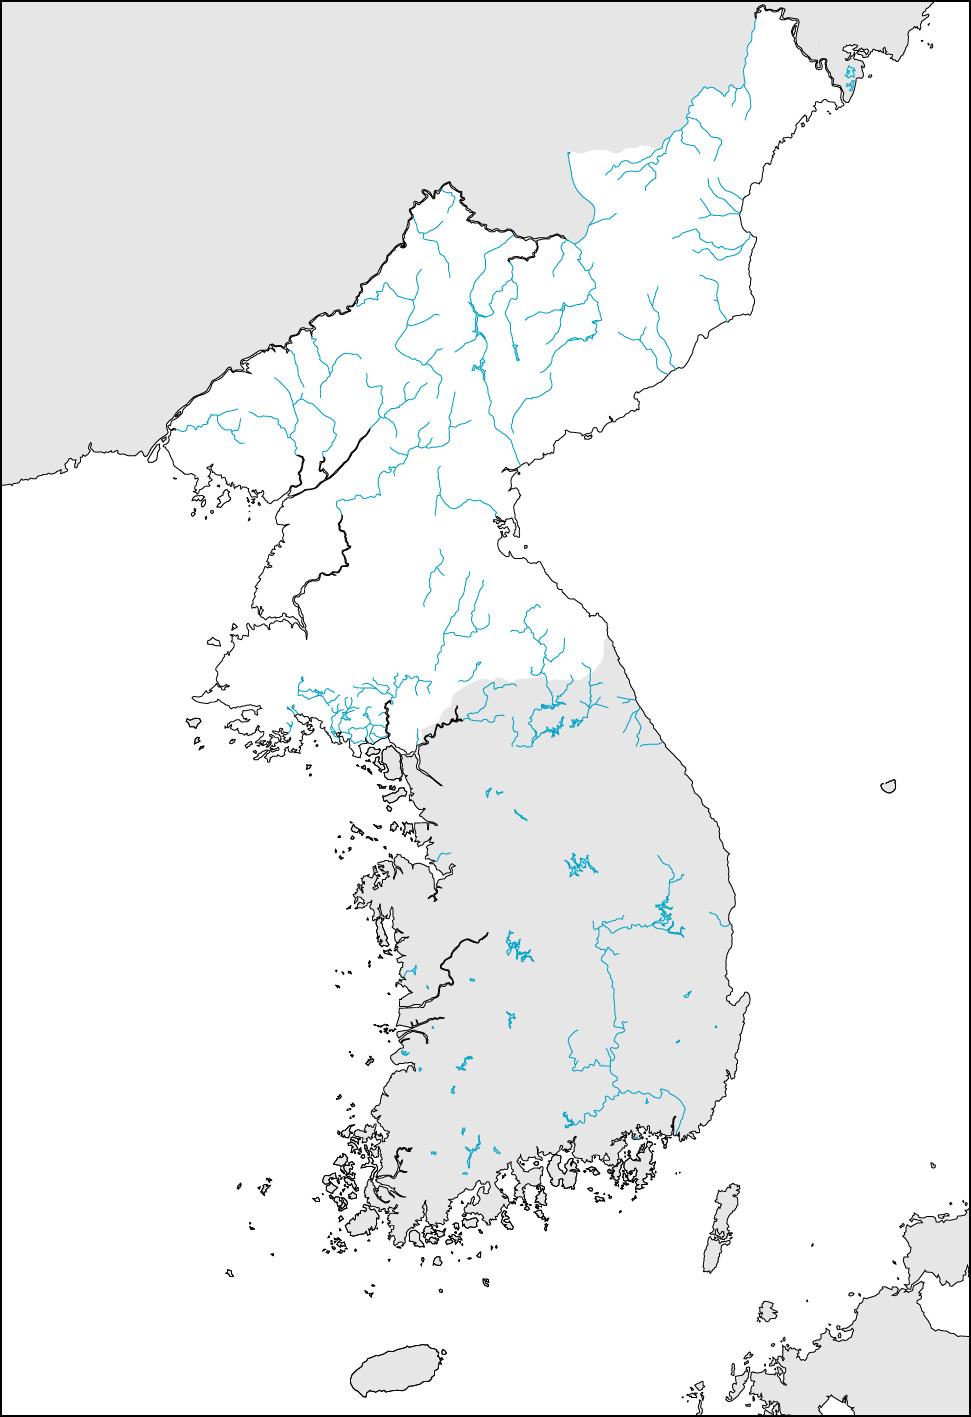 前へ 朝鮮半島 白地図集